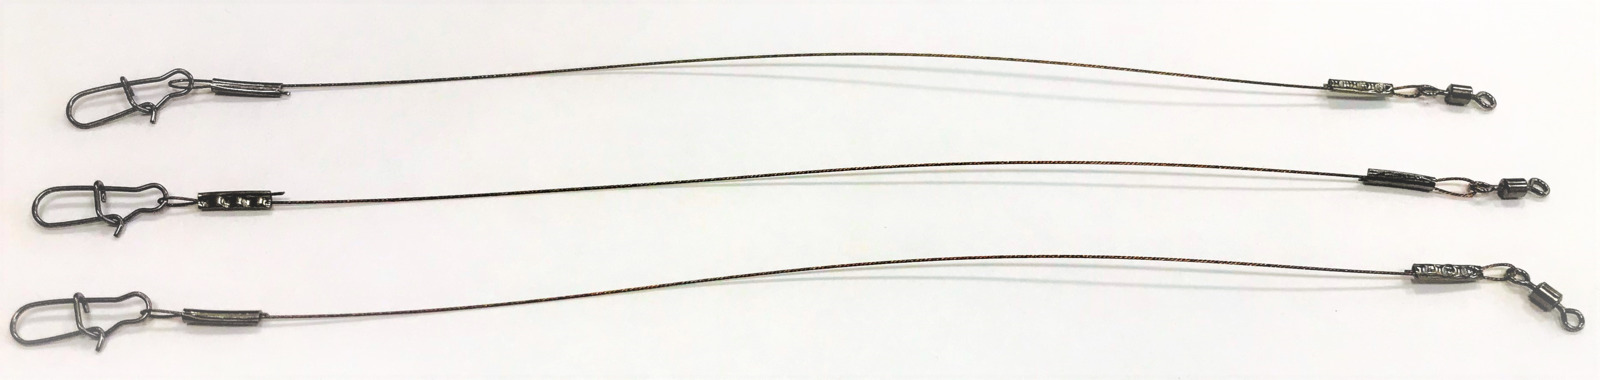 Поводок стальной APG, 1 х 7 нитей, диаметр 0,4 мм, длина 16 см, нагрузка 12 кг, 3 шт